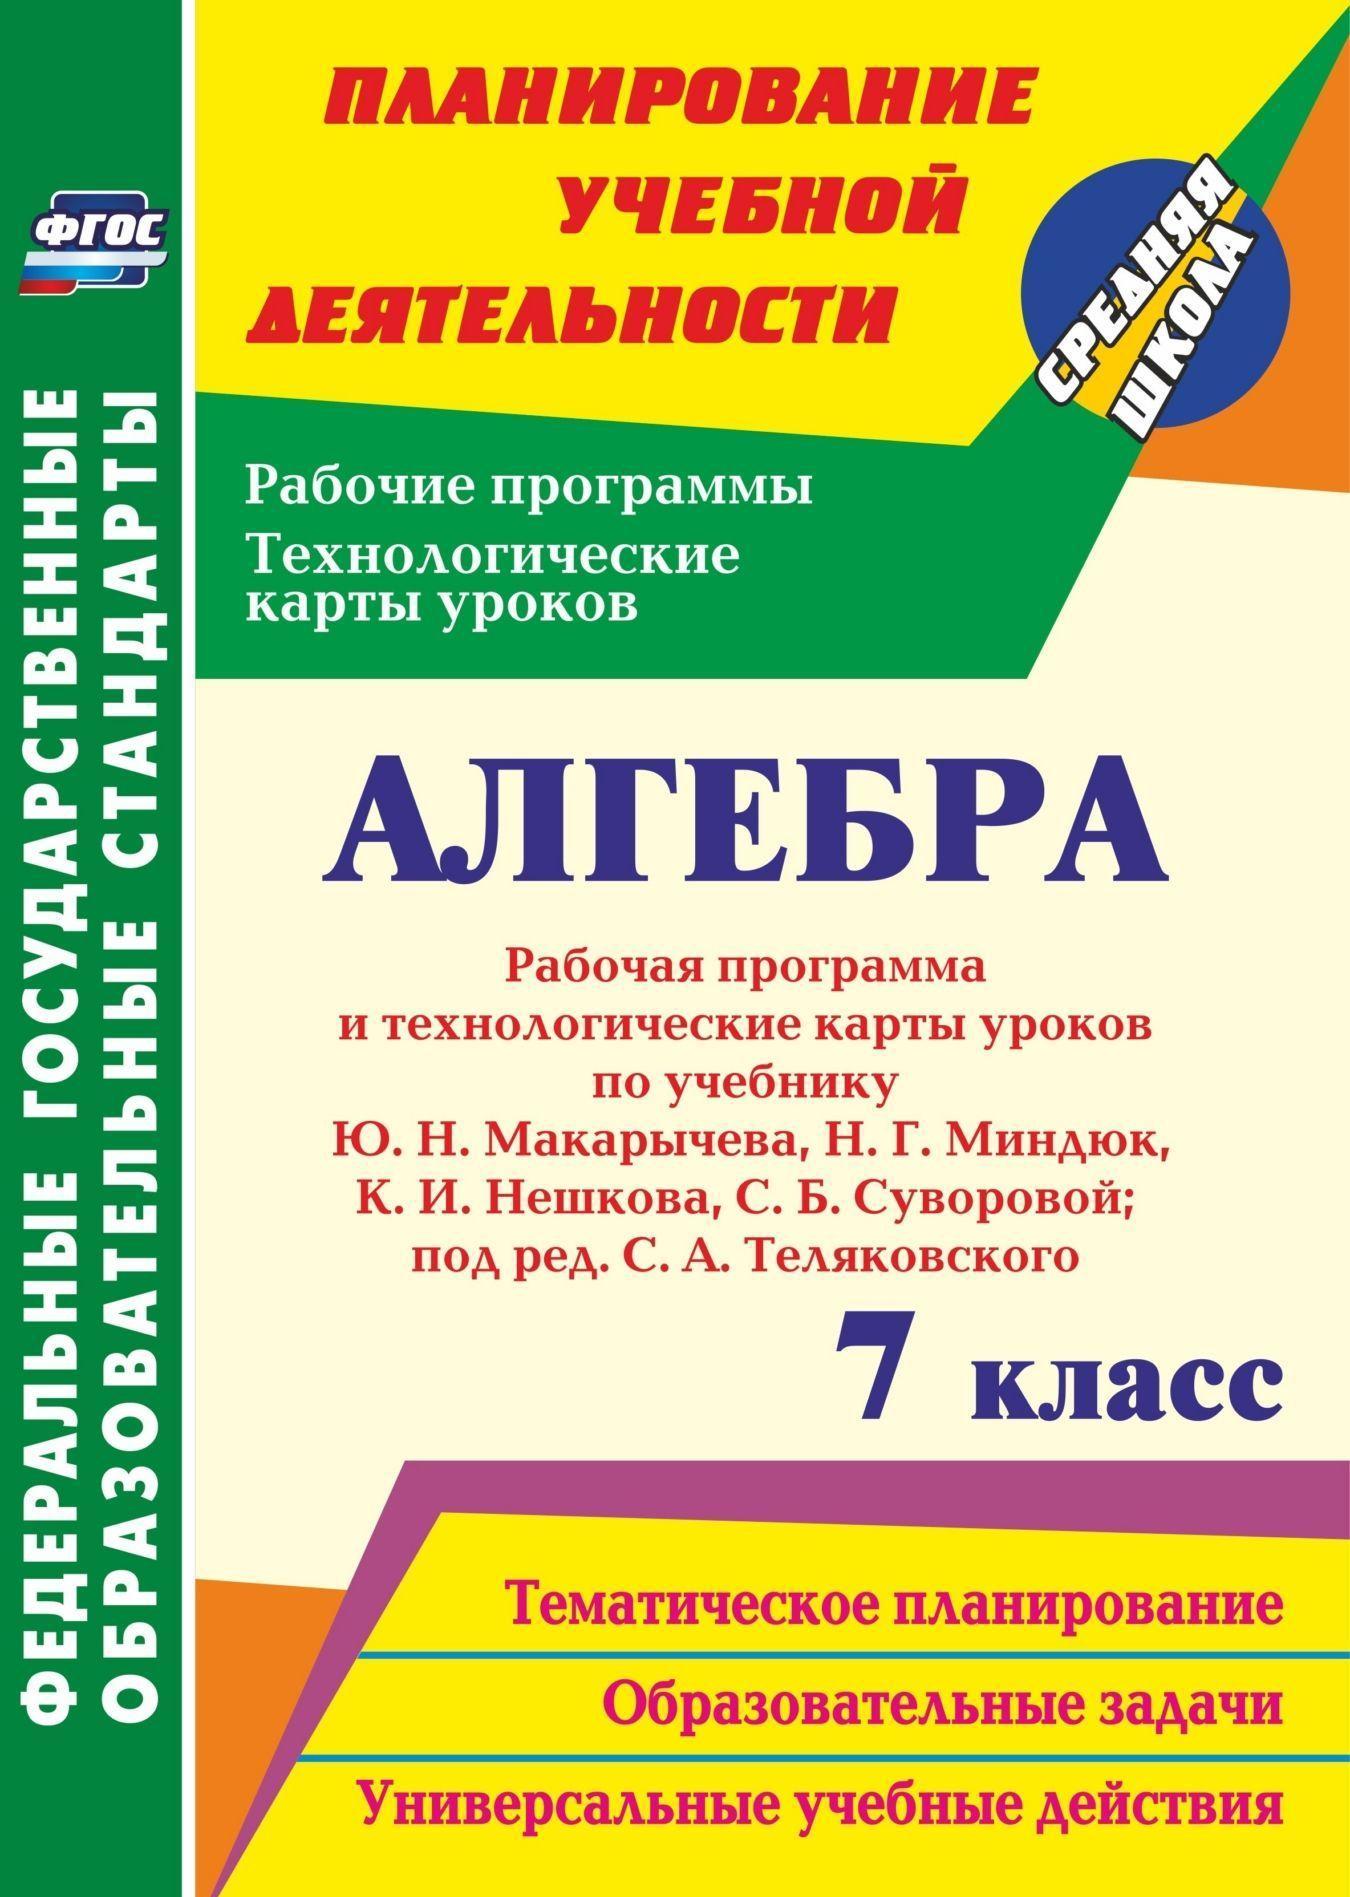 Algebra. 7 klass. Rabochaja programma i tekhnologicheskie karty urokov po uchebniku Ju. N. Makarycheva, N. G. Mindjuk, K. I. Neshkova, S. B. Suvorovoj